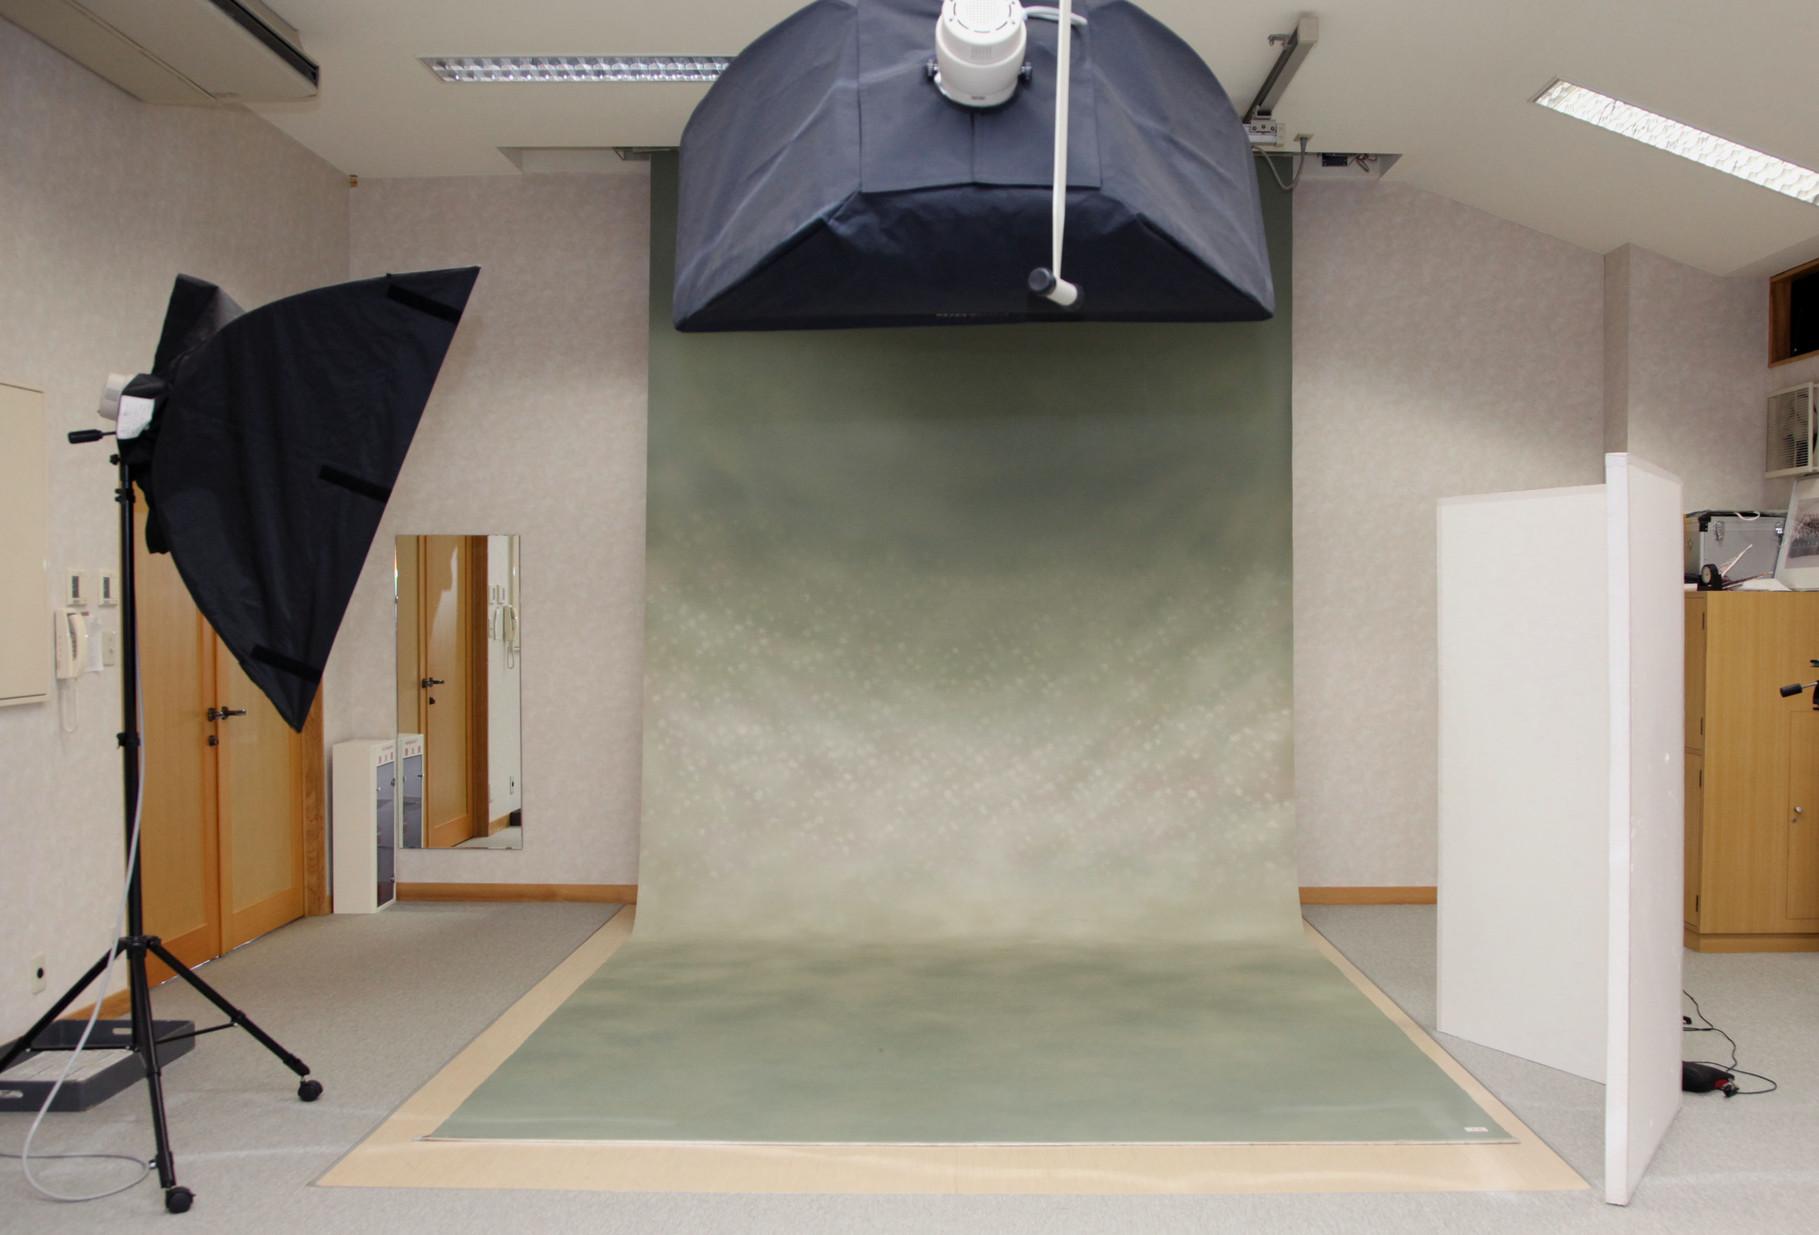 照明設備が完備した常設スタジオ